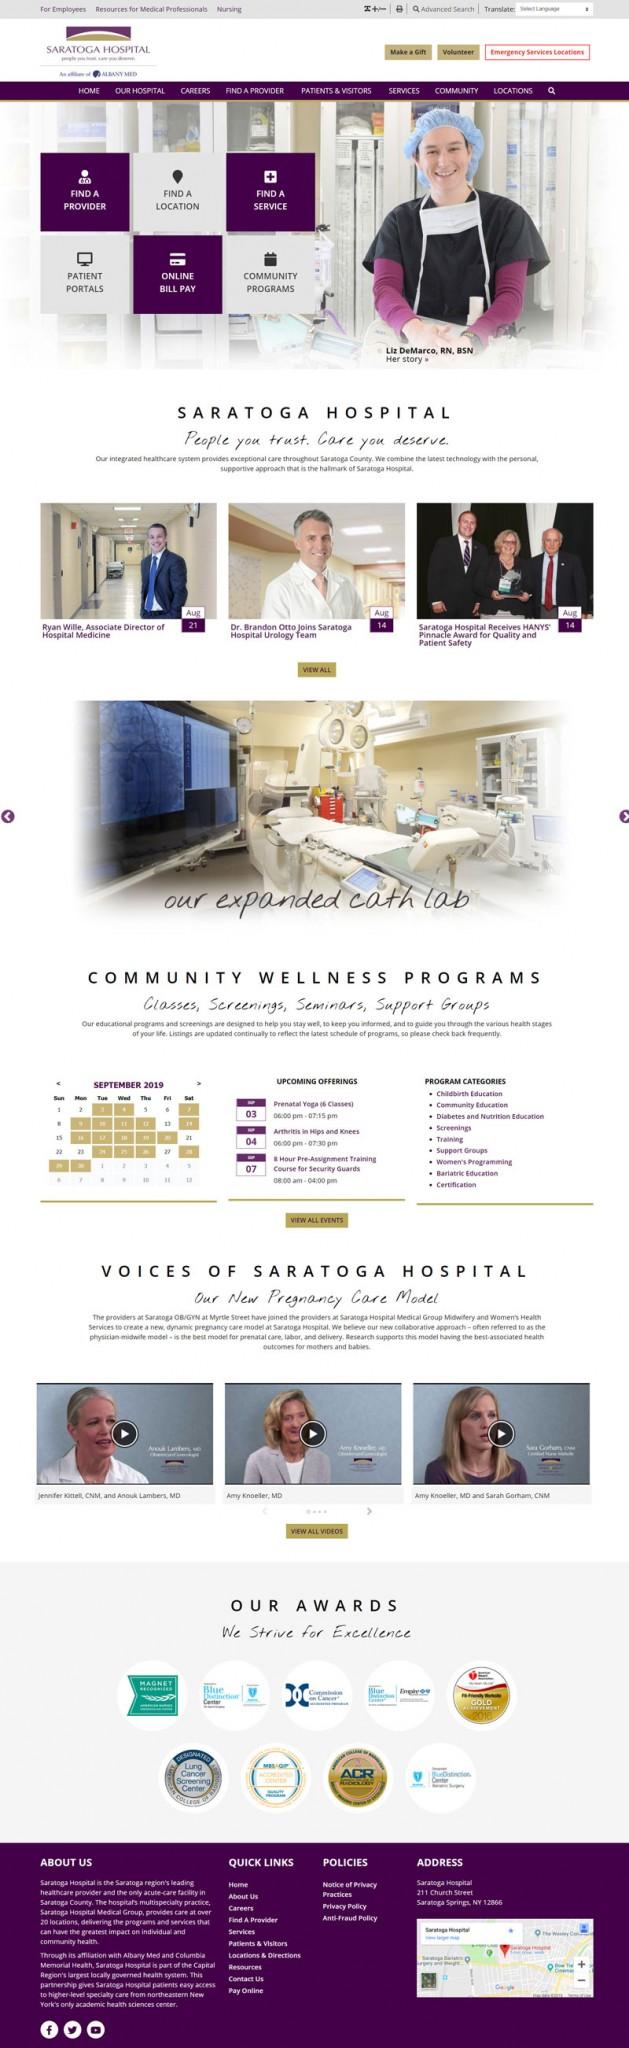 saratoga hospital homepage layout